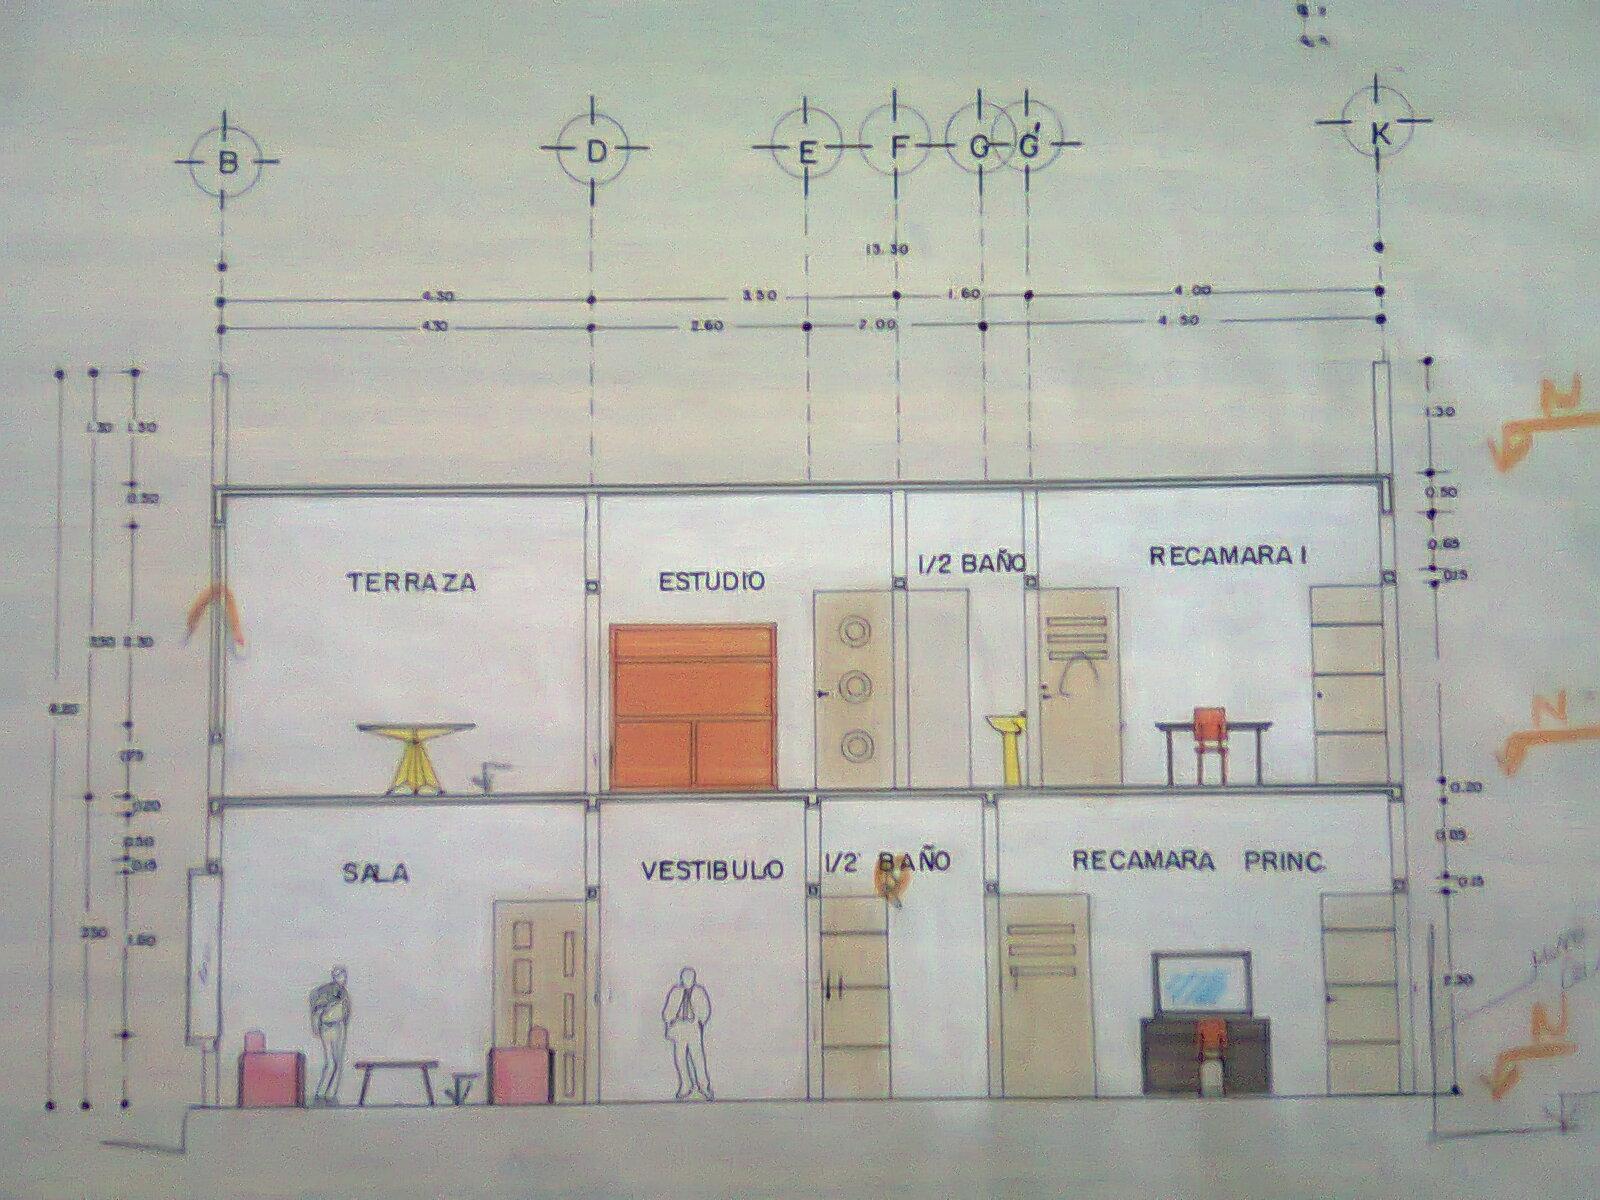 Arodi uicab marin planos arquitect nicos de casa for Programas para disenar planos arquitectonicos